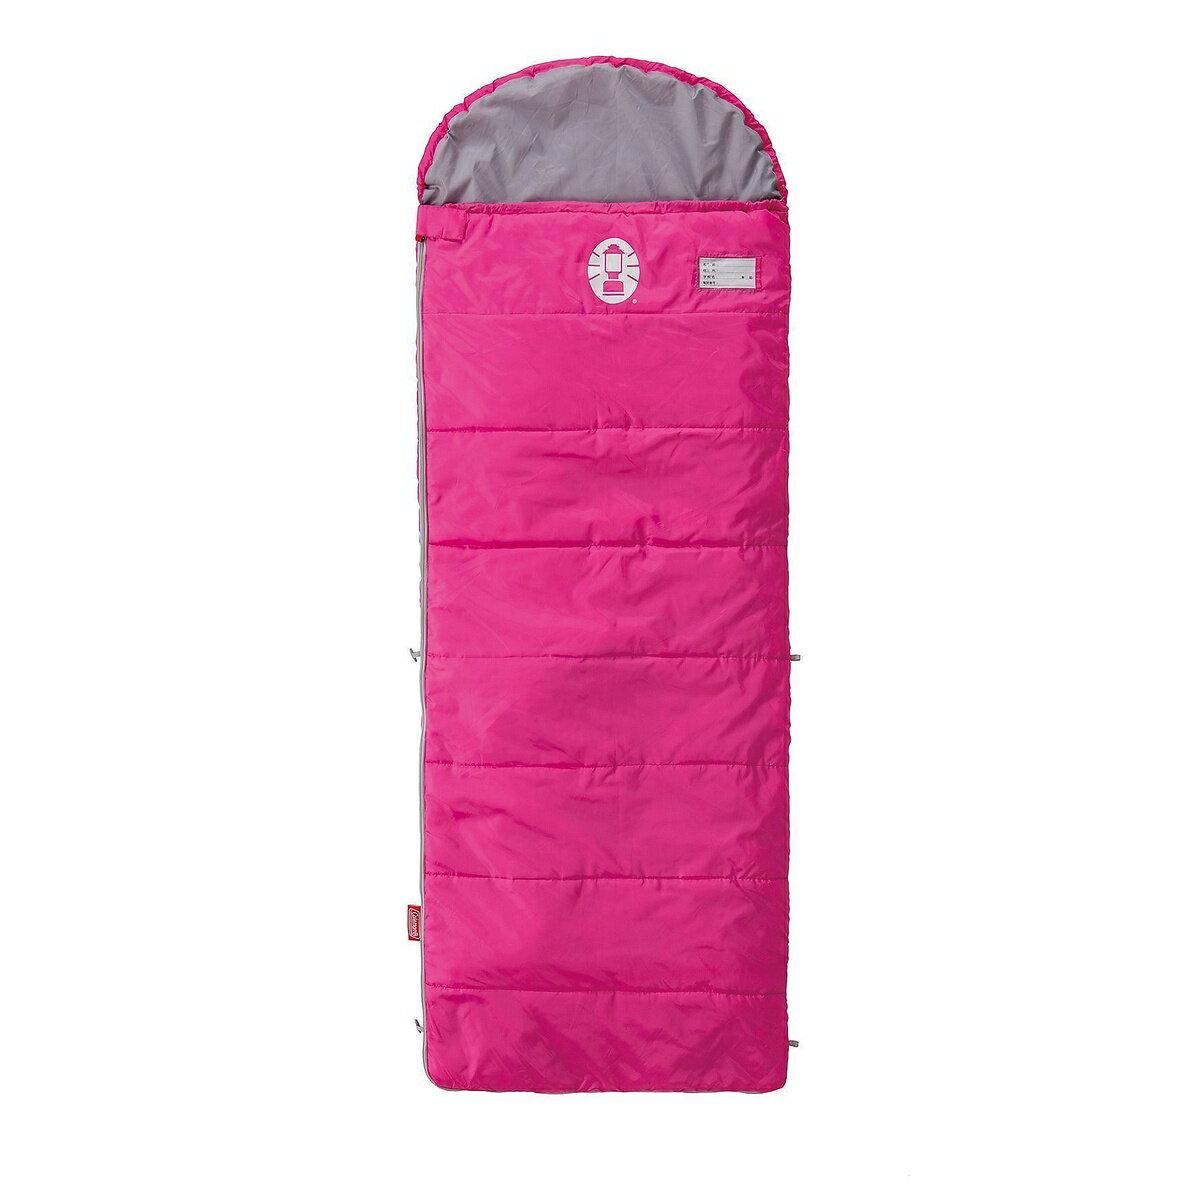 ● COLEMAN (コールマン) キャンプ用品 スリーピングバッグ 寝袋 ジュニア用 スクールキッズ/C10(ピンク) 2000027269